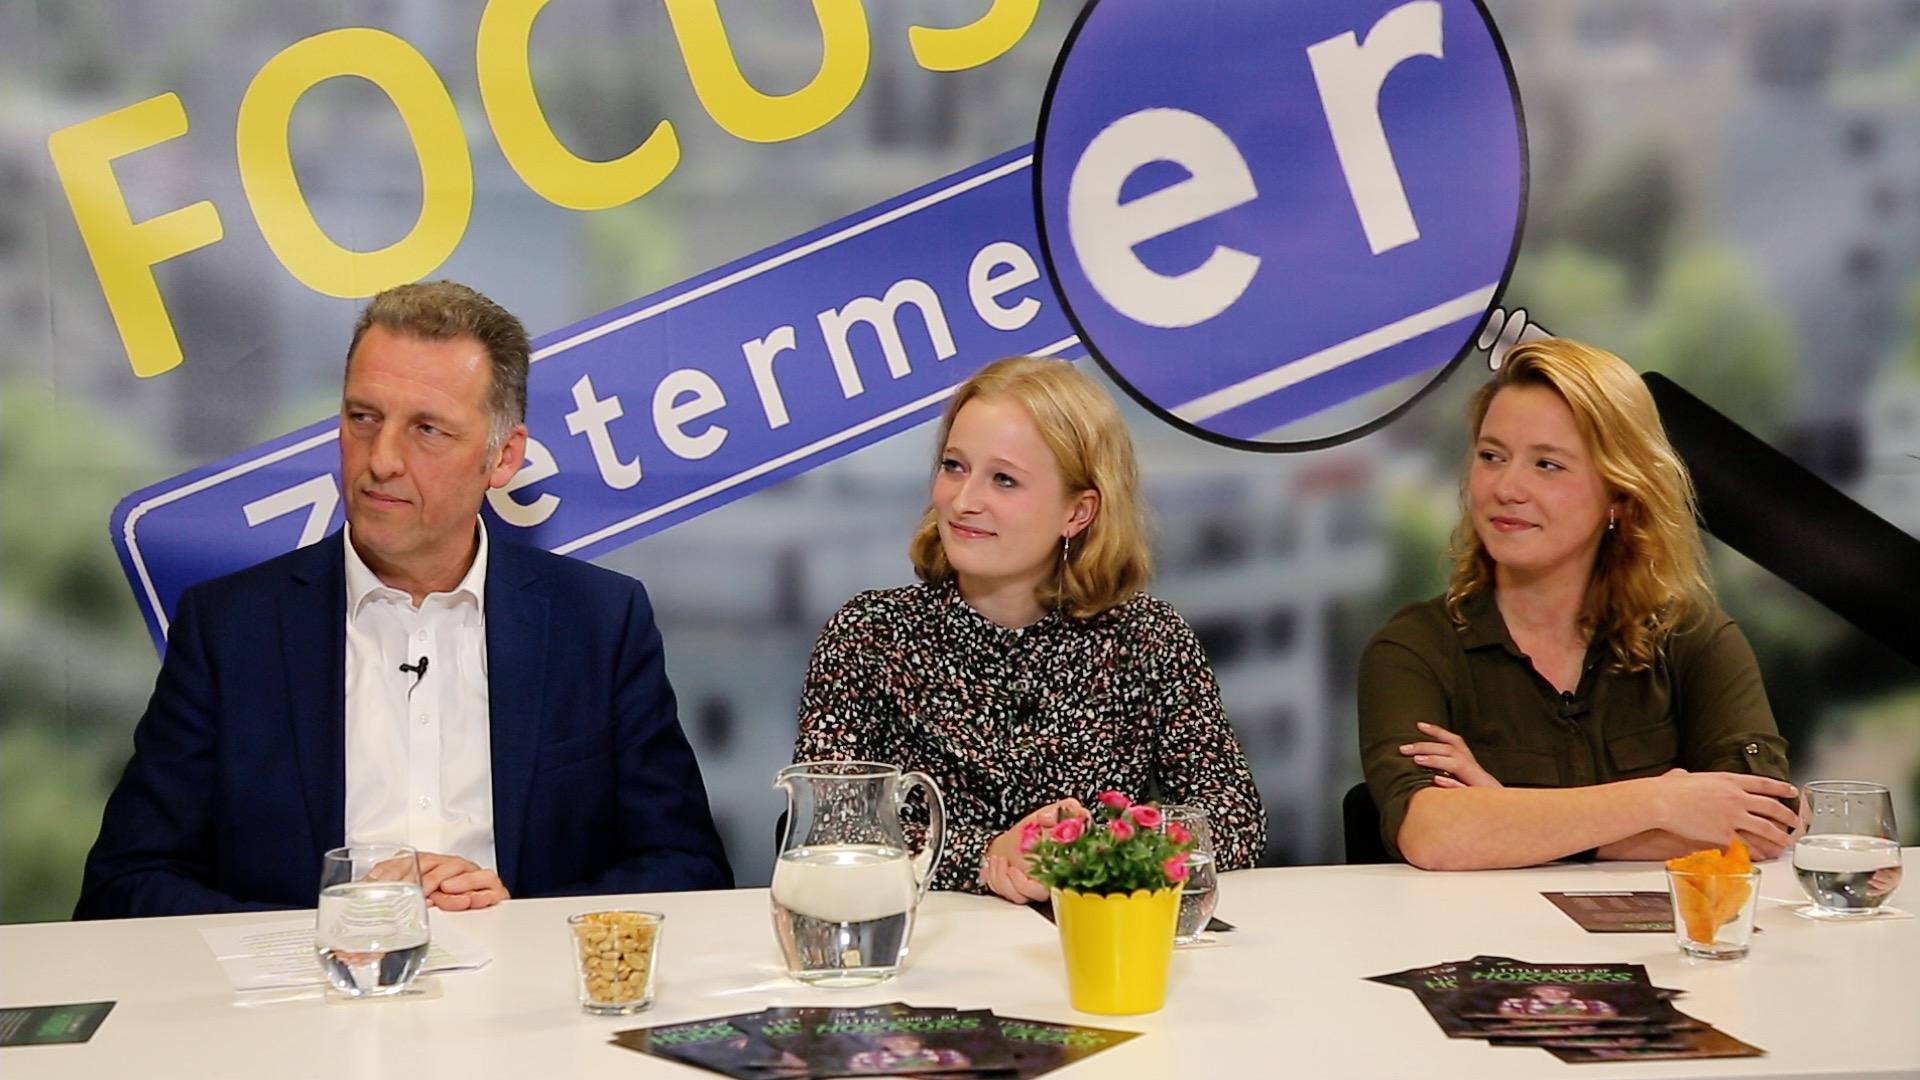 Focus op Zoetermeer (Jaargang 1 Aflevering 22)